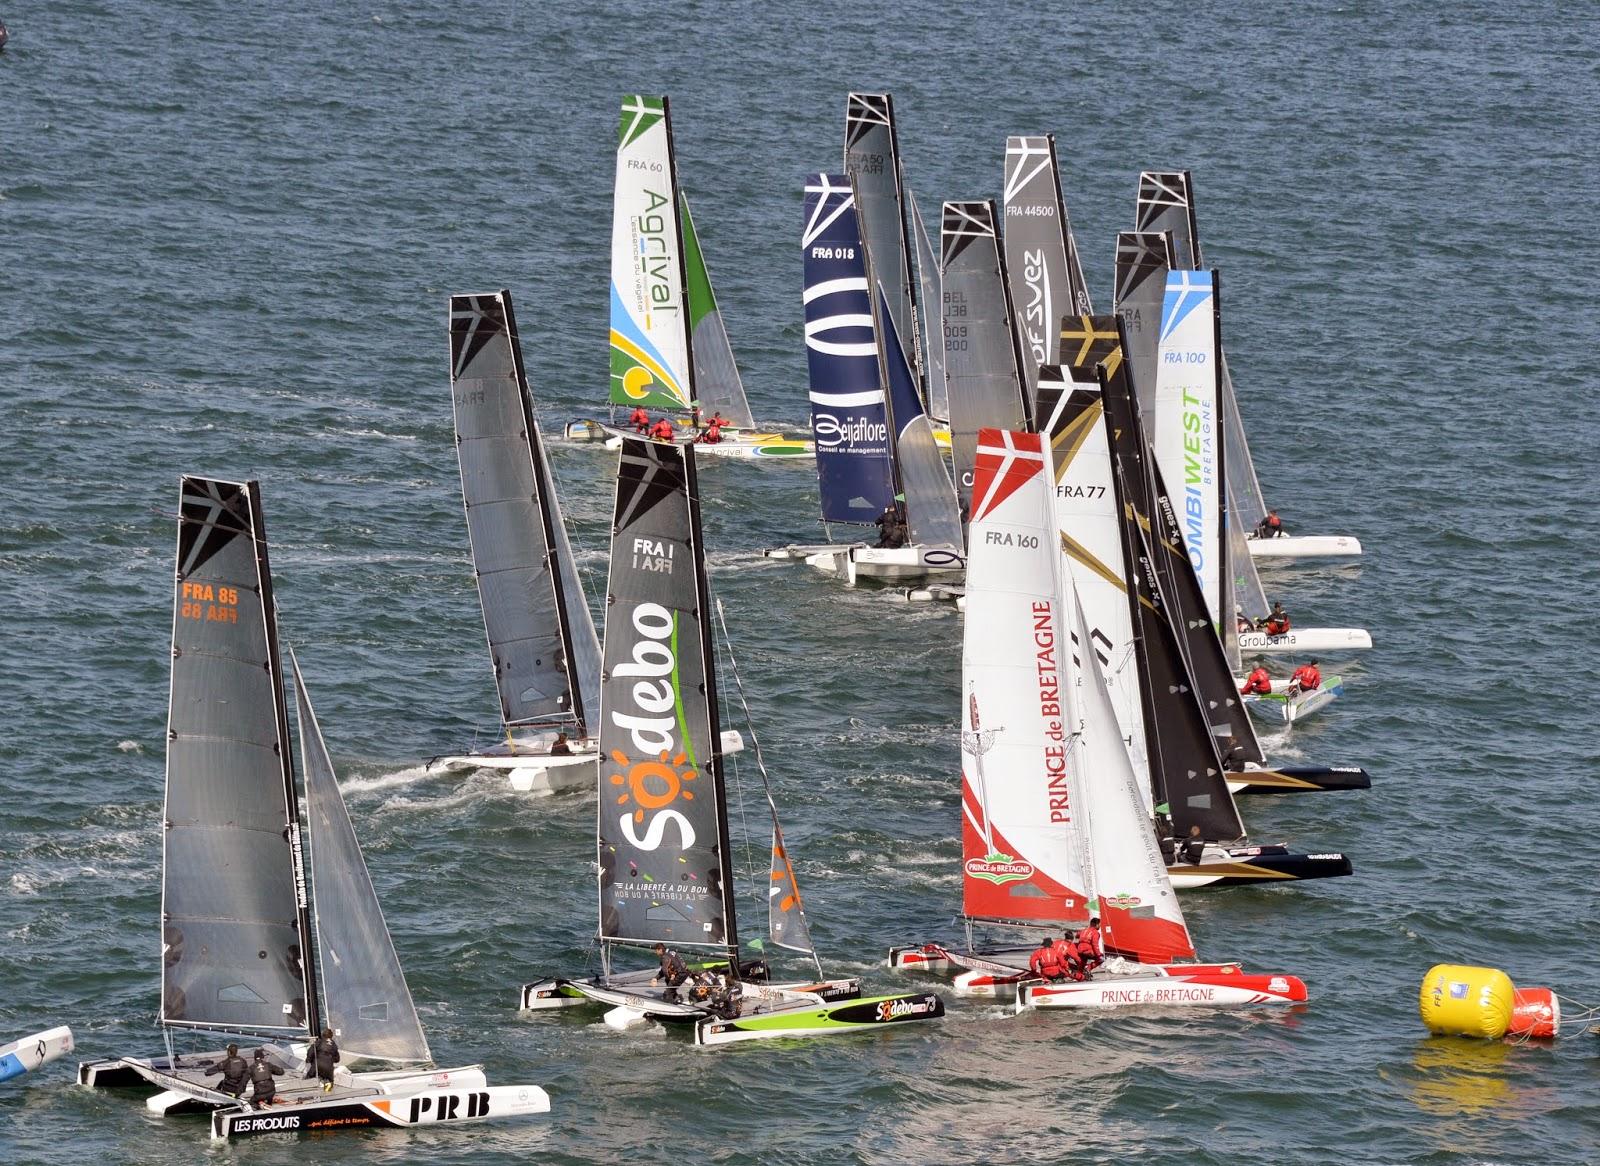 La flotte des Diam 24 au Spi Ouest France.